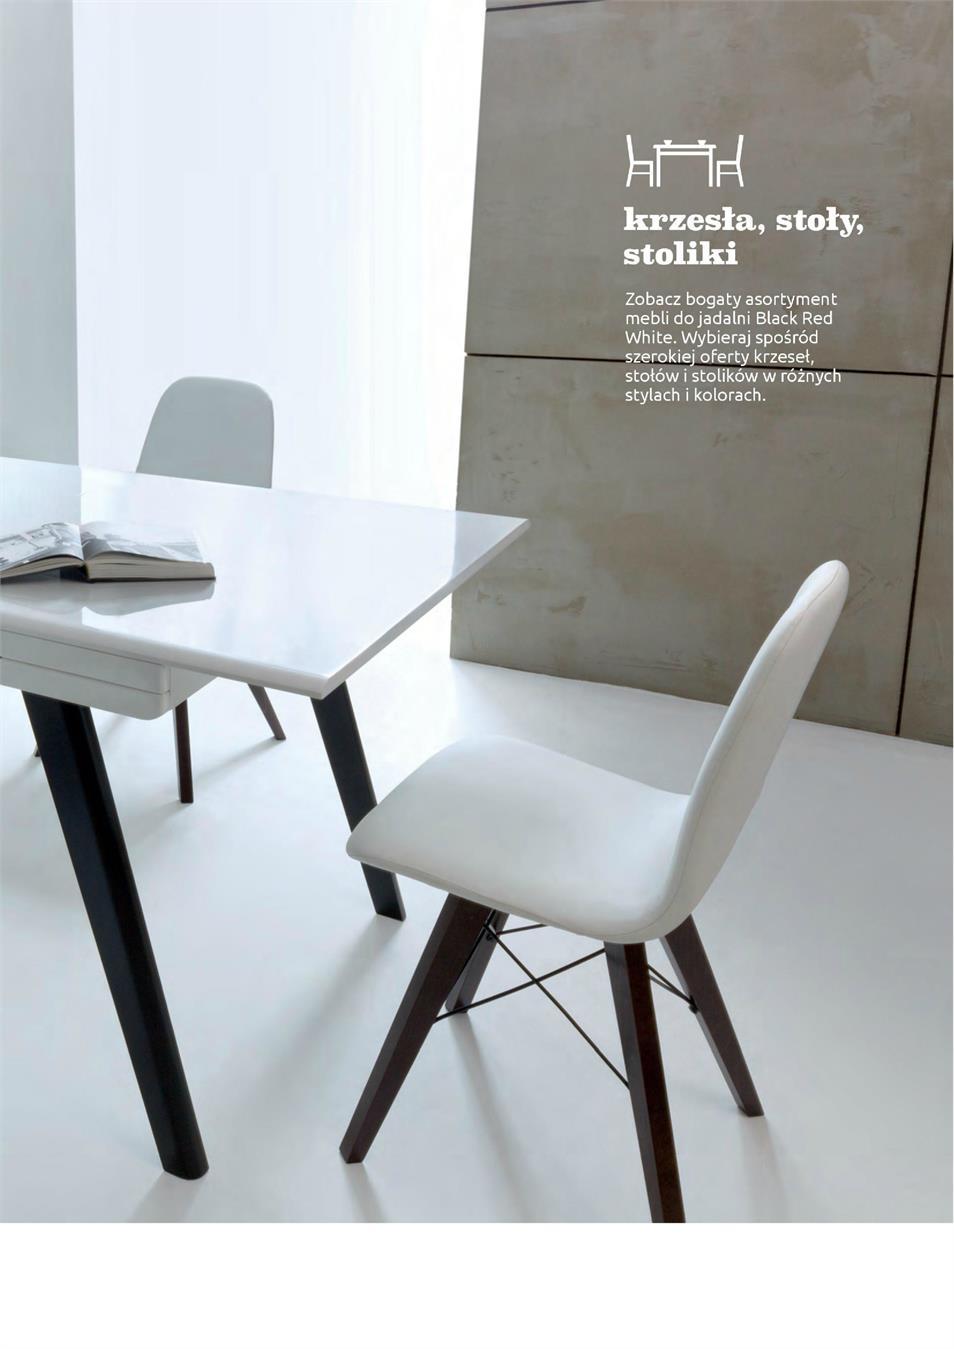 Gazetka Promocyjna Brwcompl Krzesła Stoły Stoliki